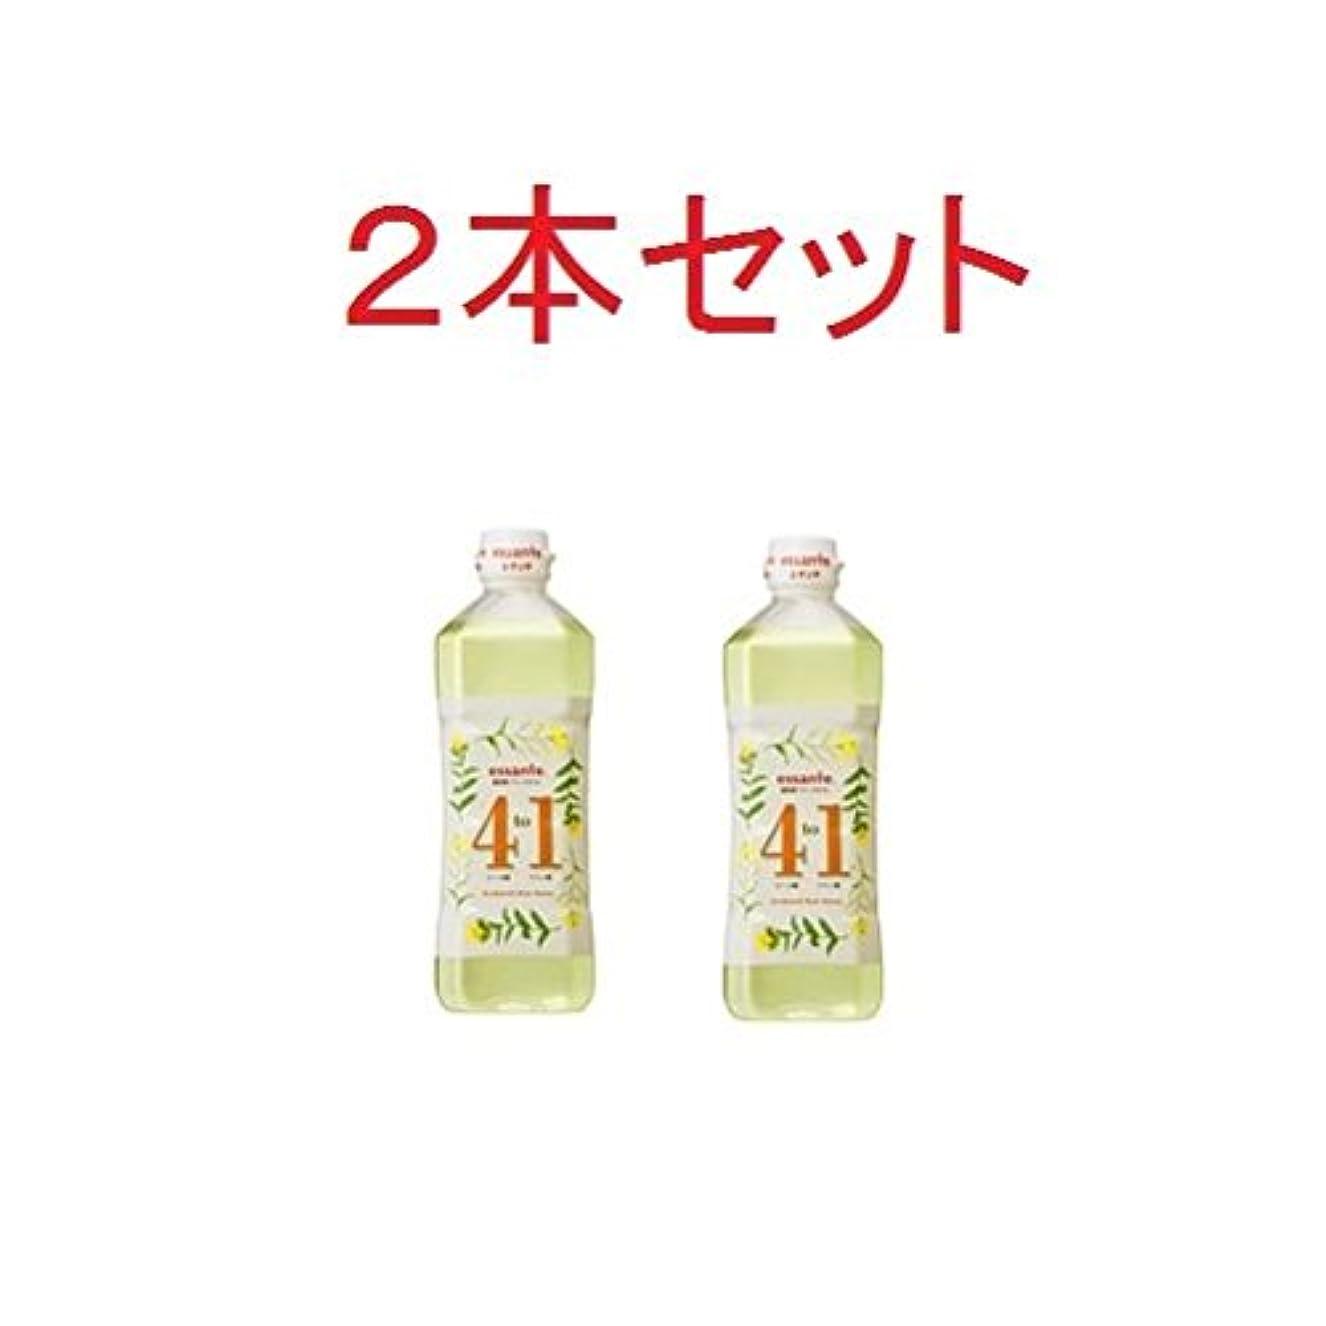 改修余計なイベント2本セット アムウェイ エサンテ 4 to 1 脂肪酸バランスオイル